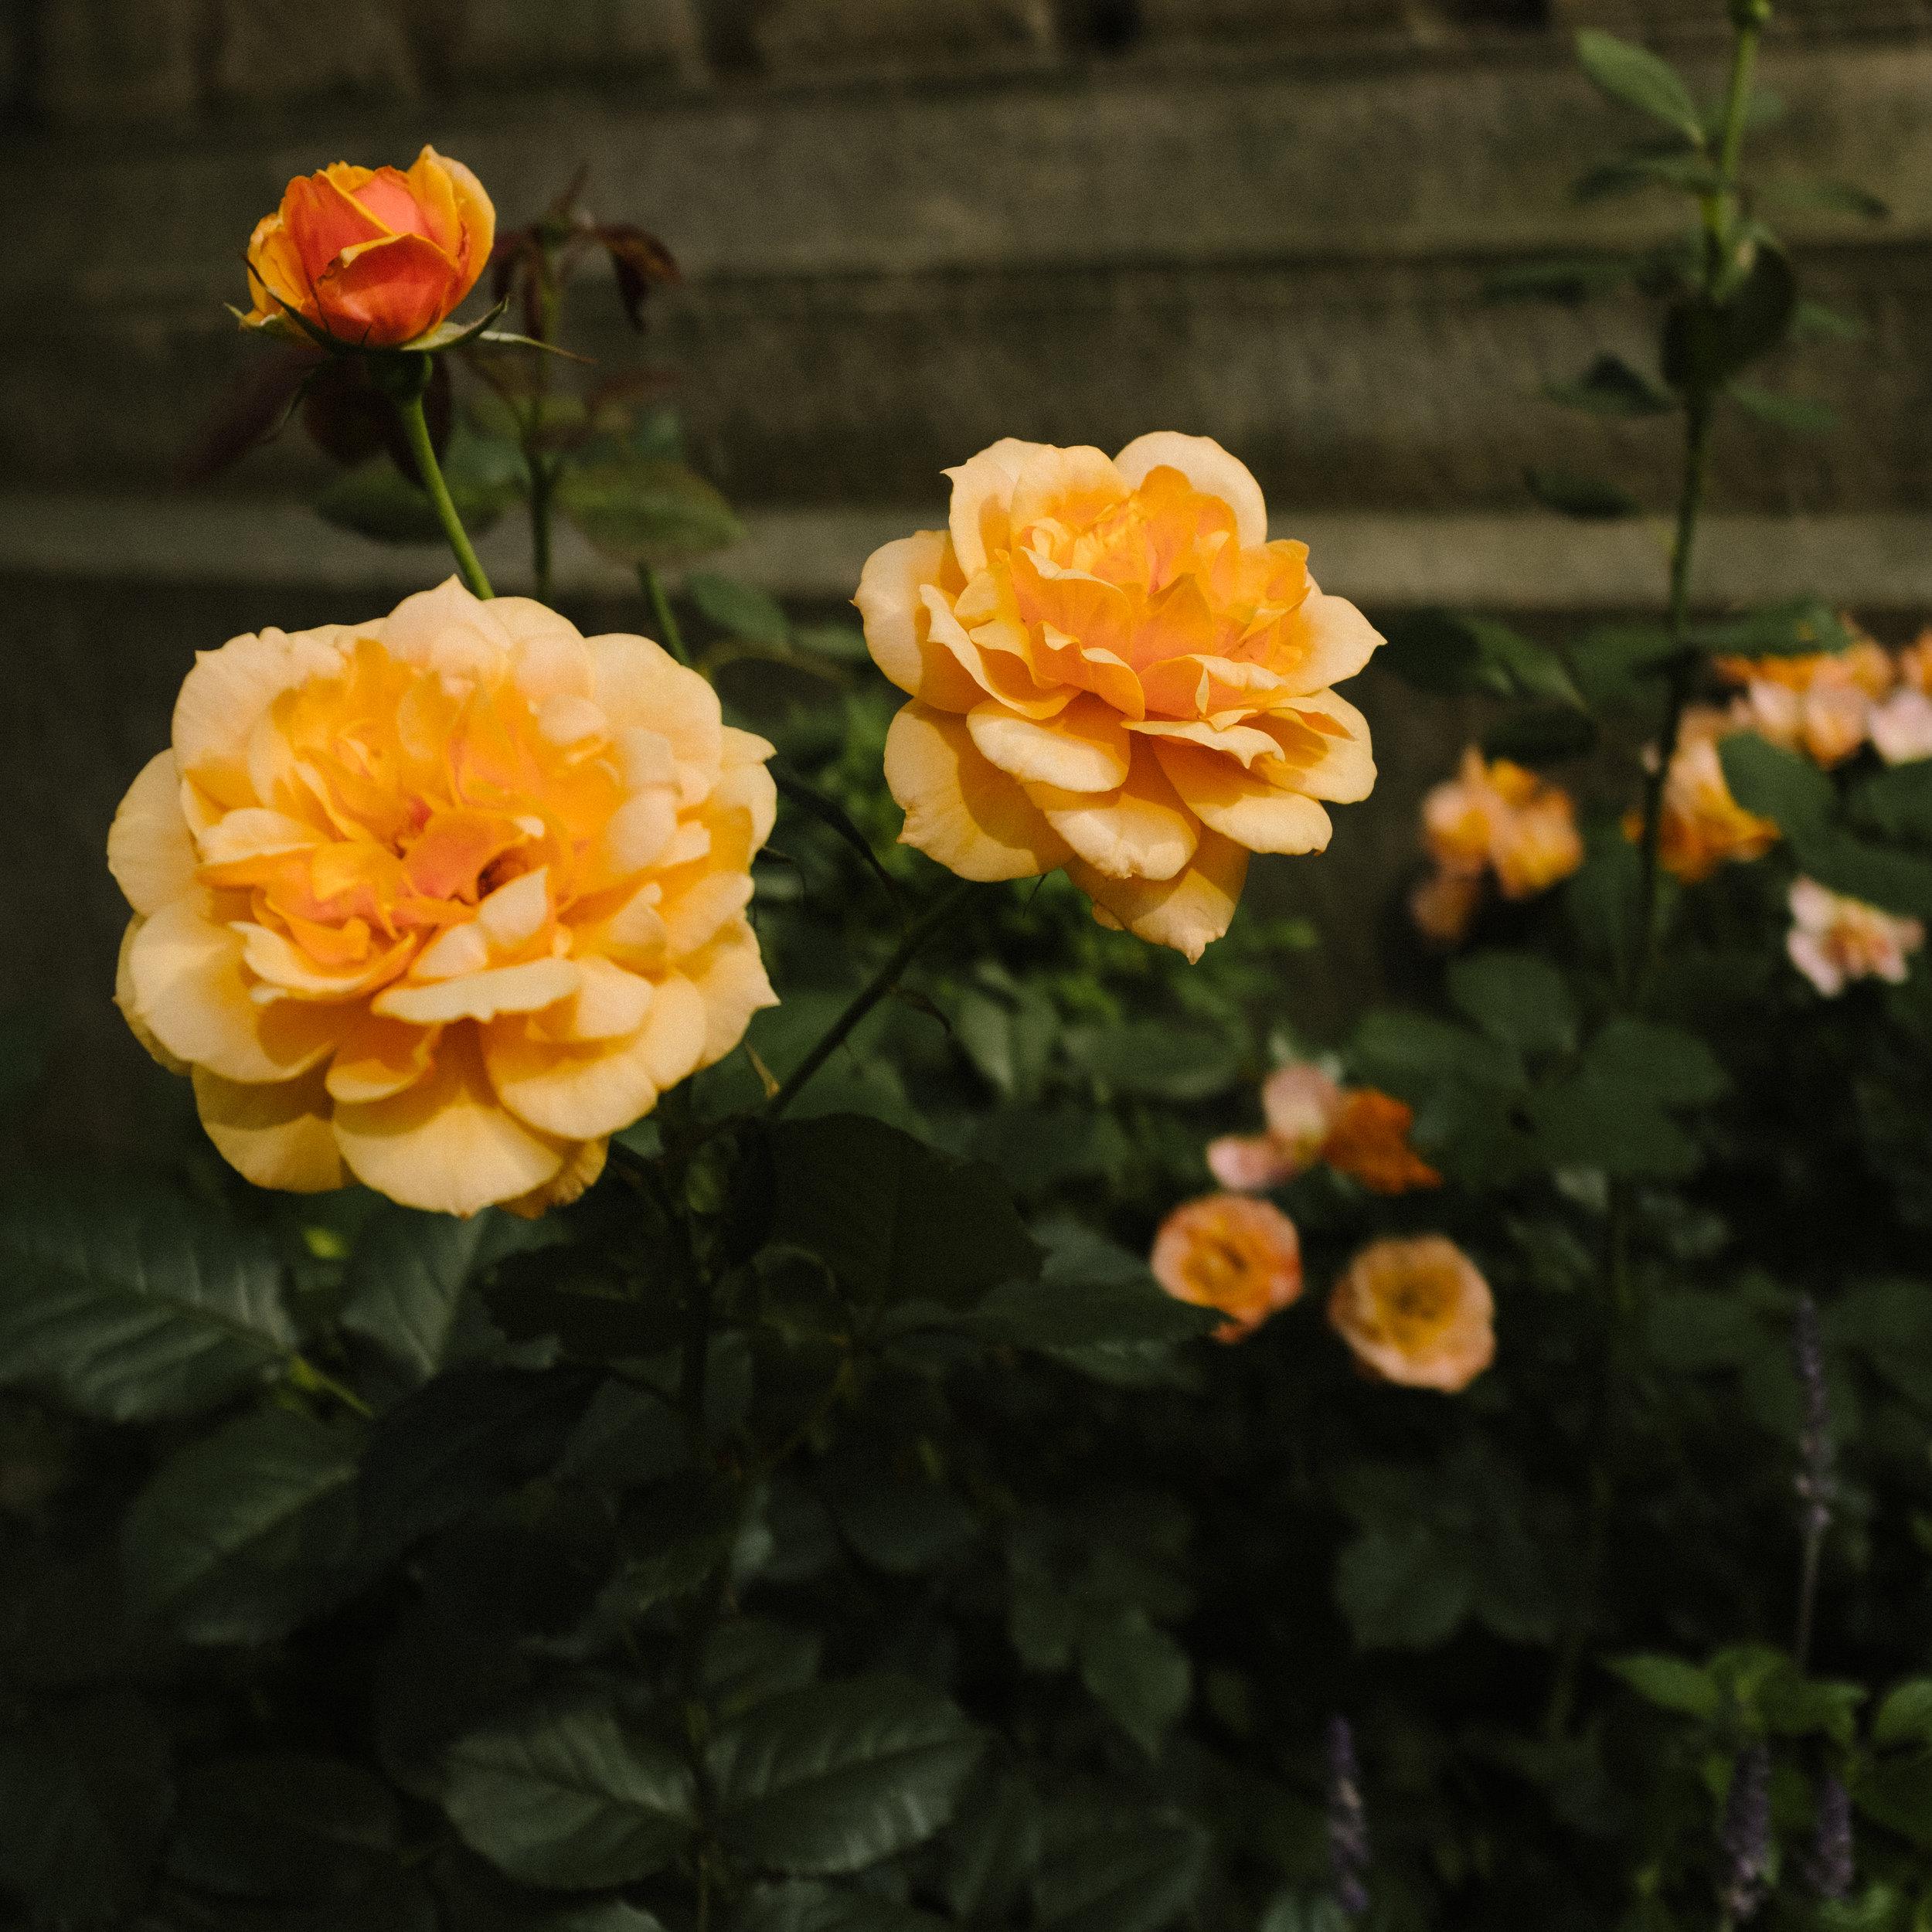 bryant park flower-5694.jpg